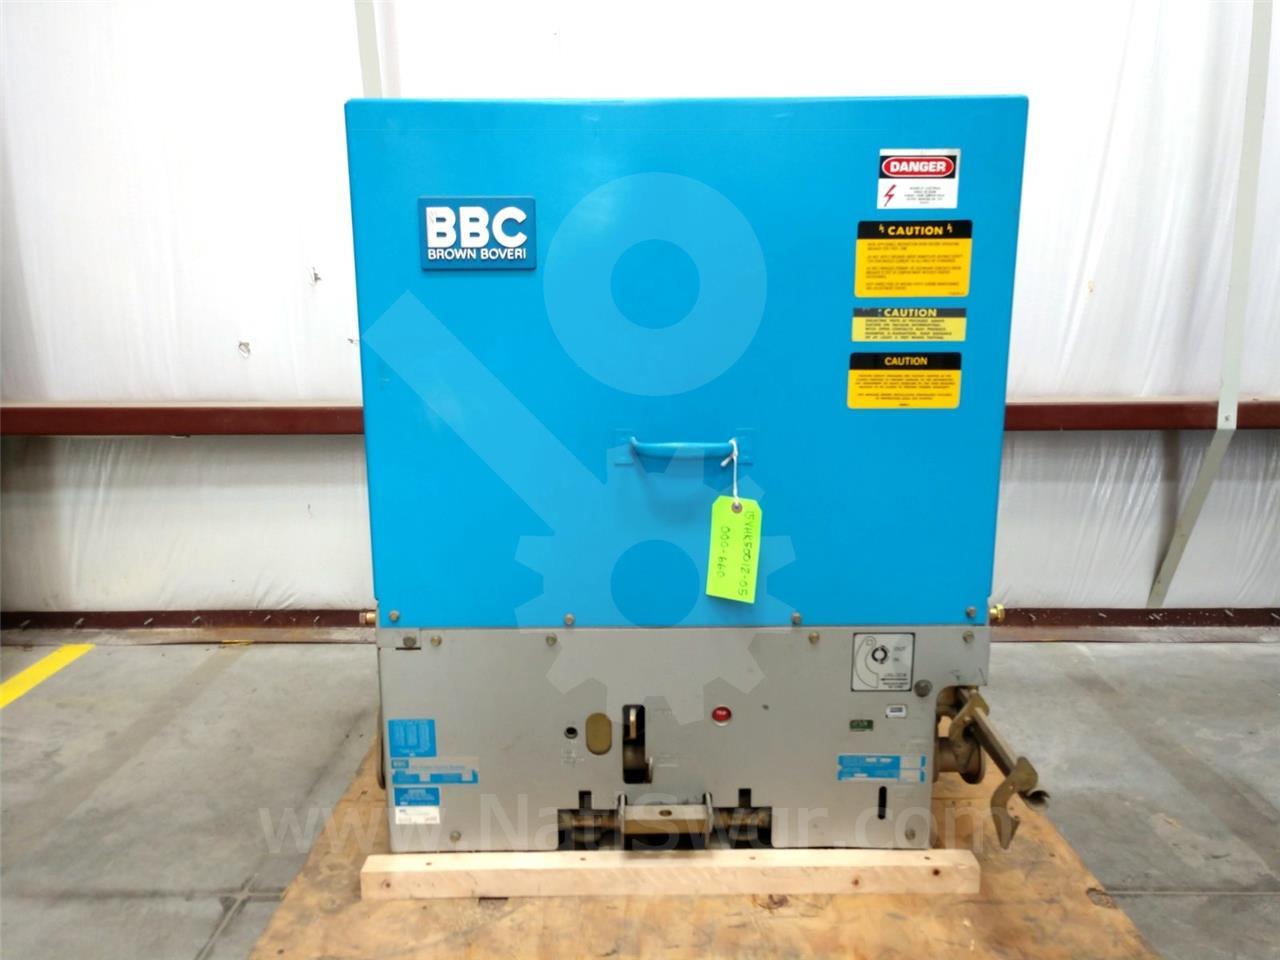 ABB / ITE / BBC 15VHK 500 1200A BBC 15VHK-500 EO/DO